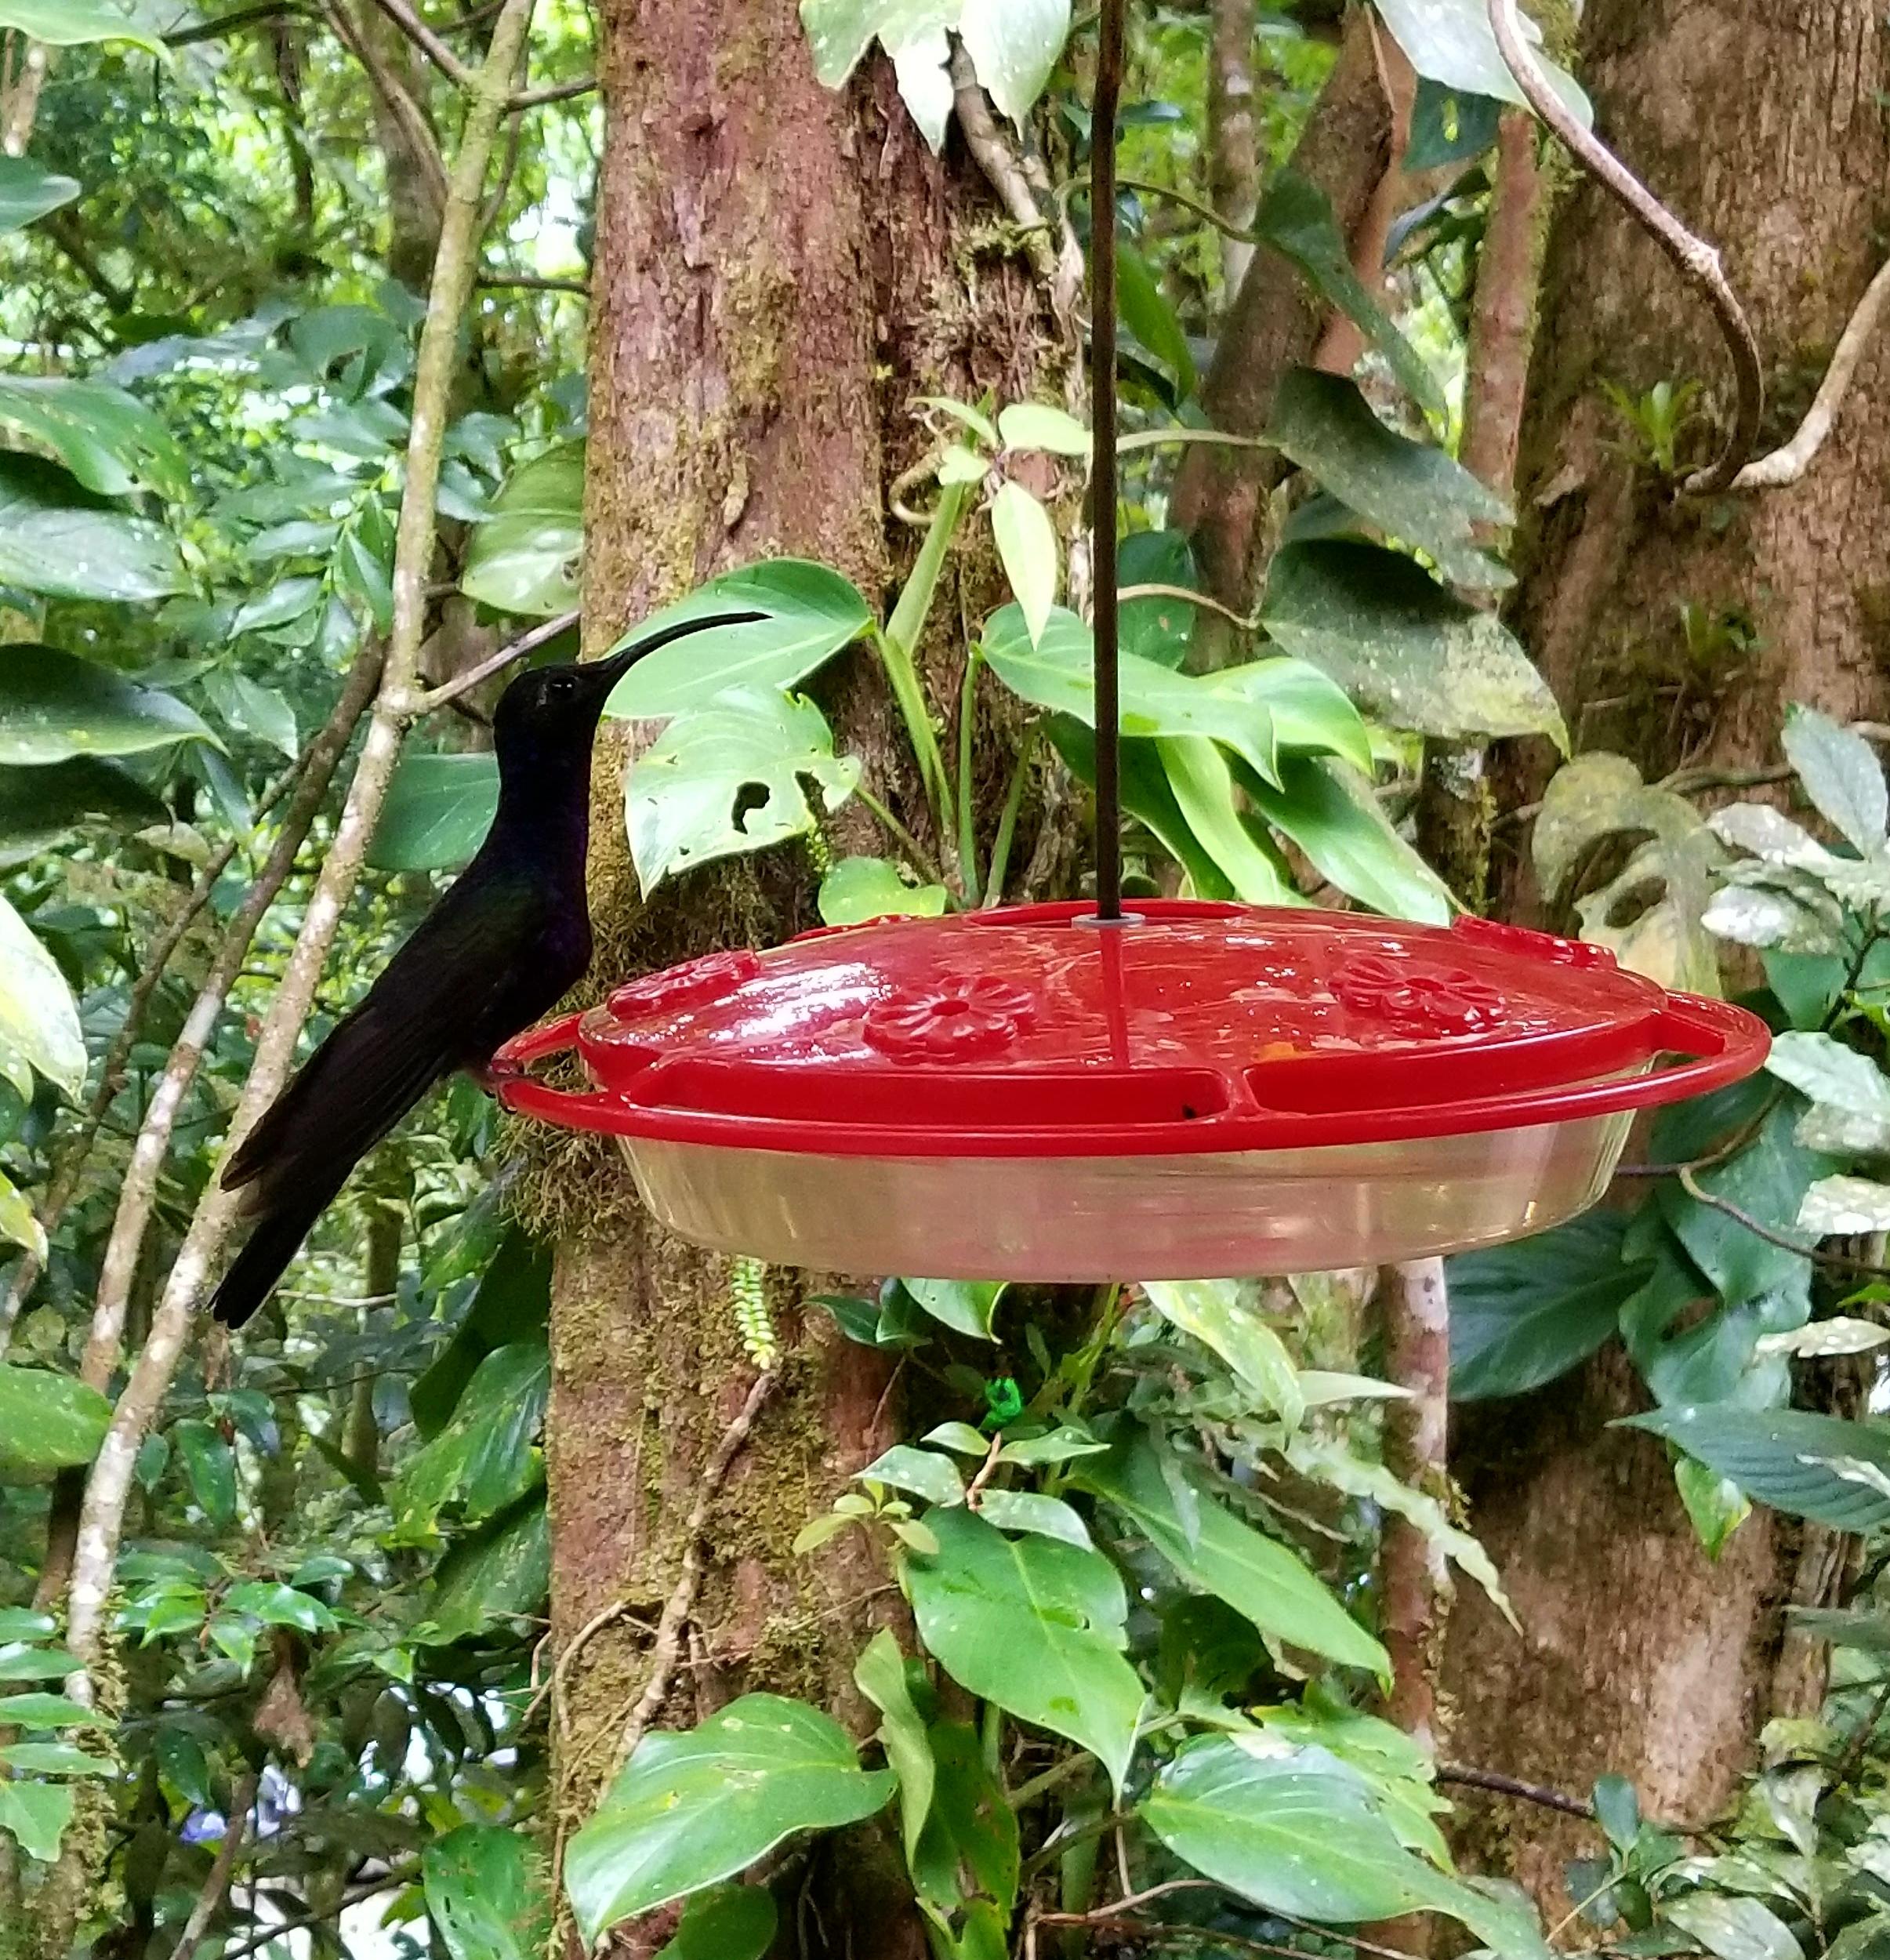 Humming bird Gallery, Monteverde, Costa Rica